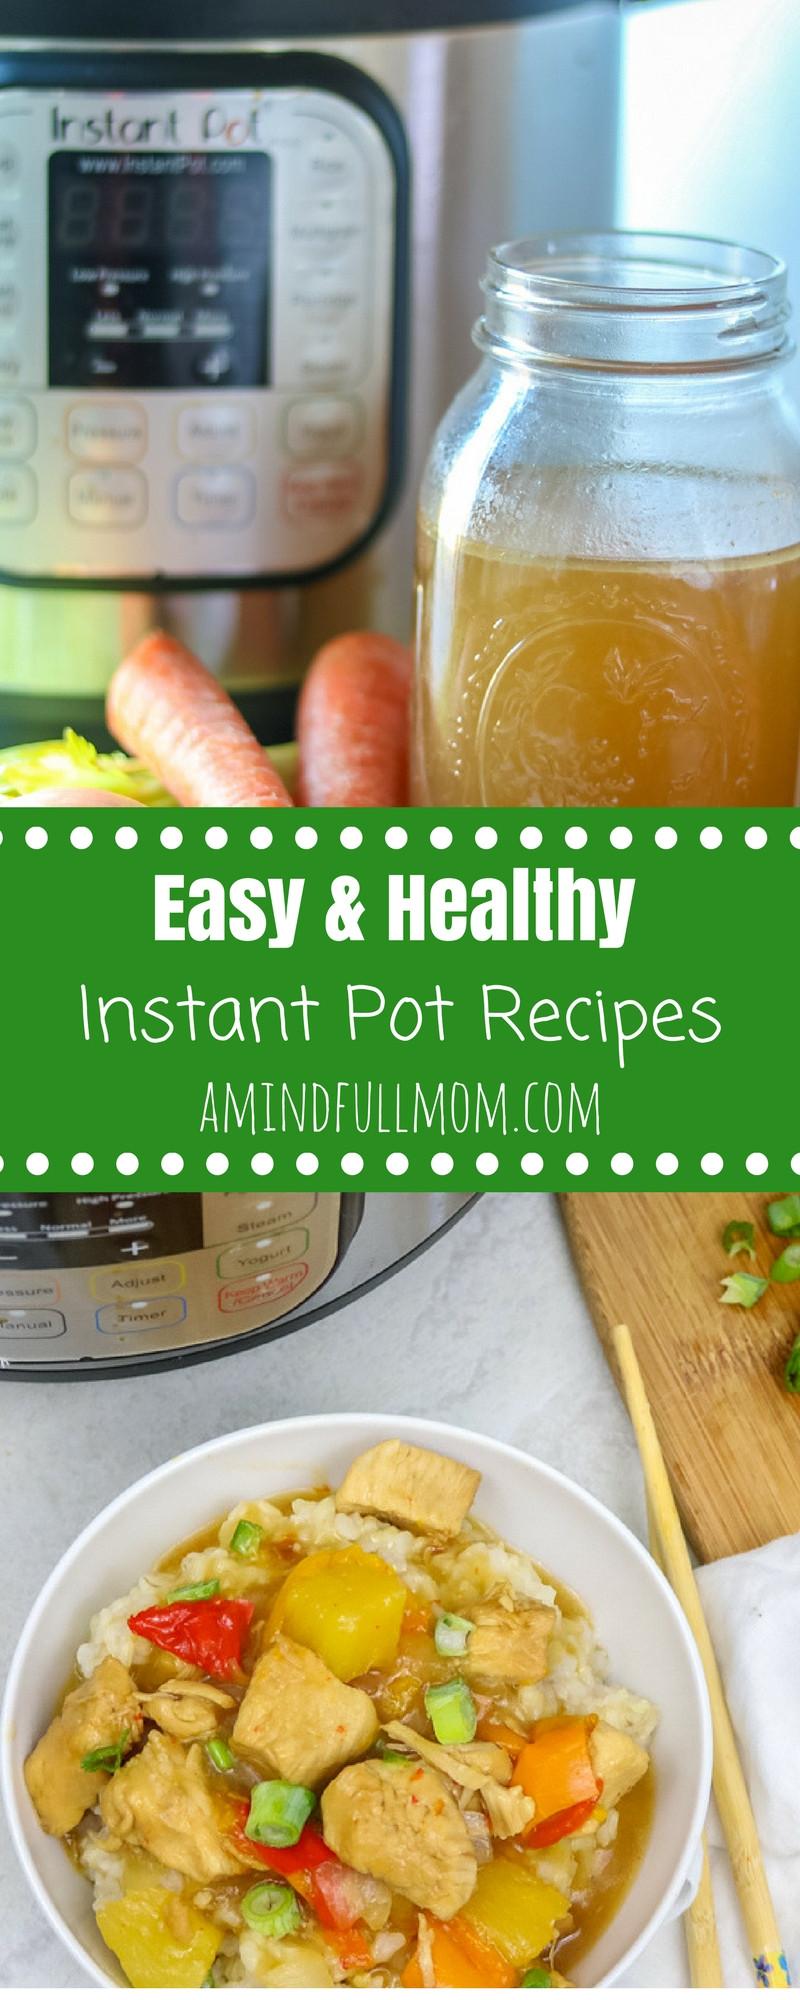 Easy Instant Pot Recipes Healthy  Easy Healthy Instant Pot Recipe Recipes and Tips for